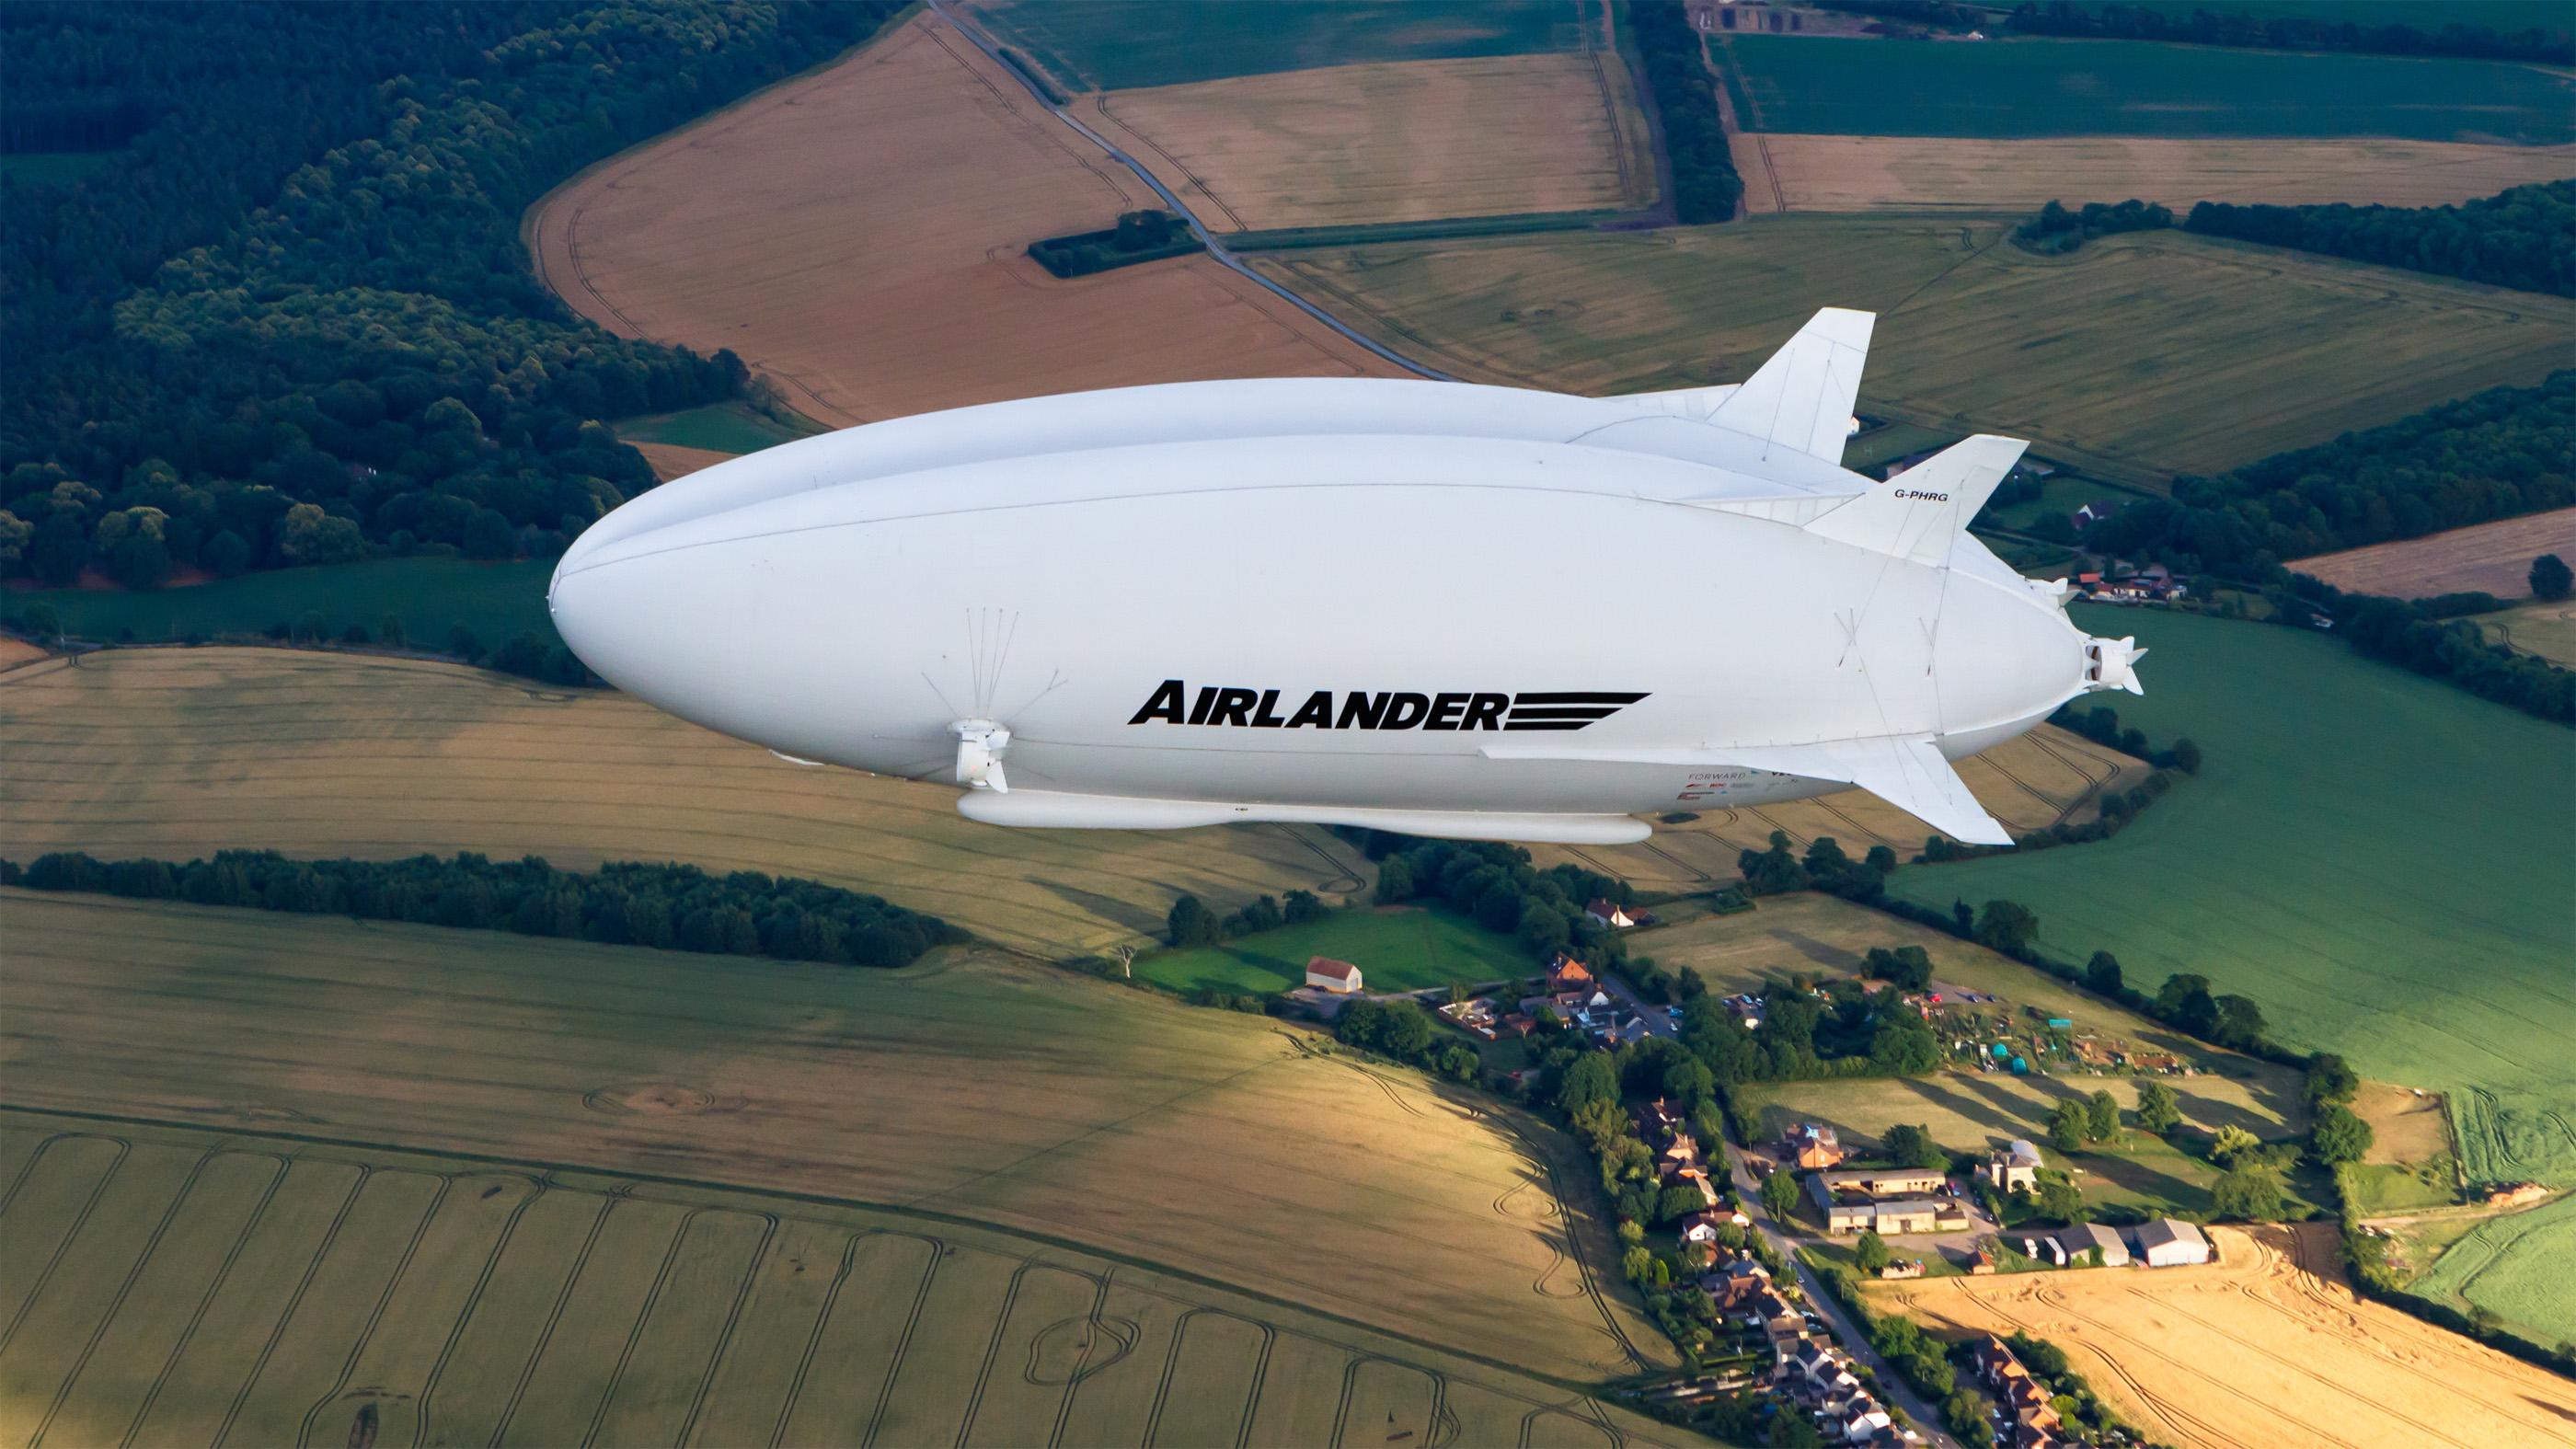 L'Airlander 10 (un prototype présenté ici) serait un futur mode de déplacement à faibles émissions.